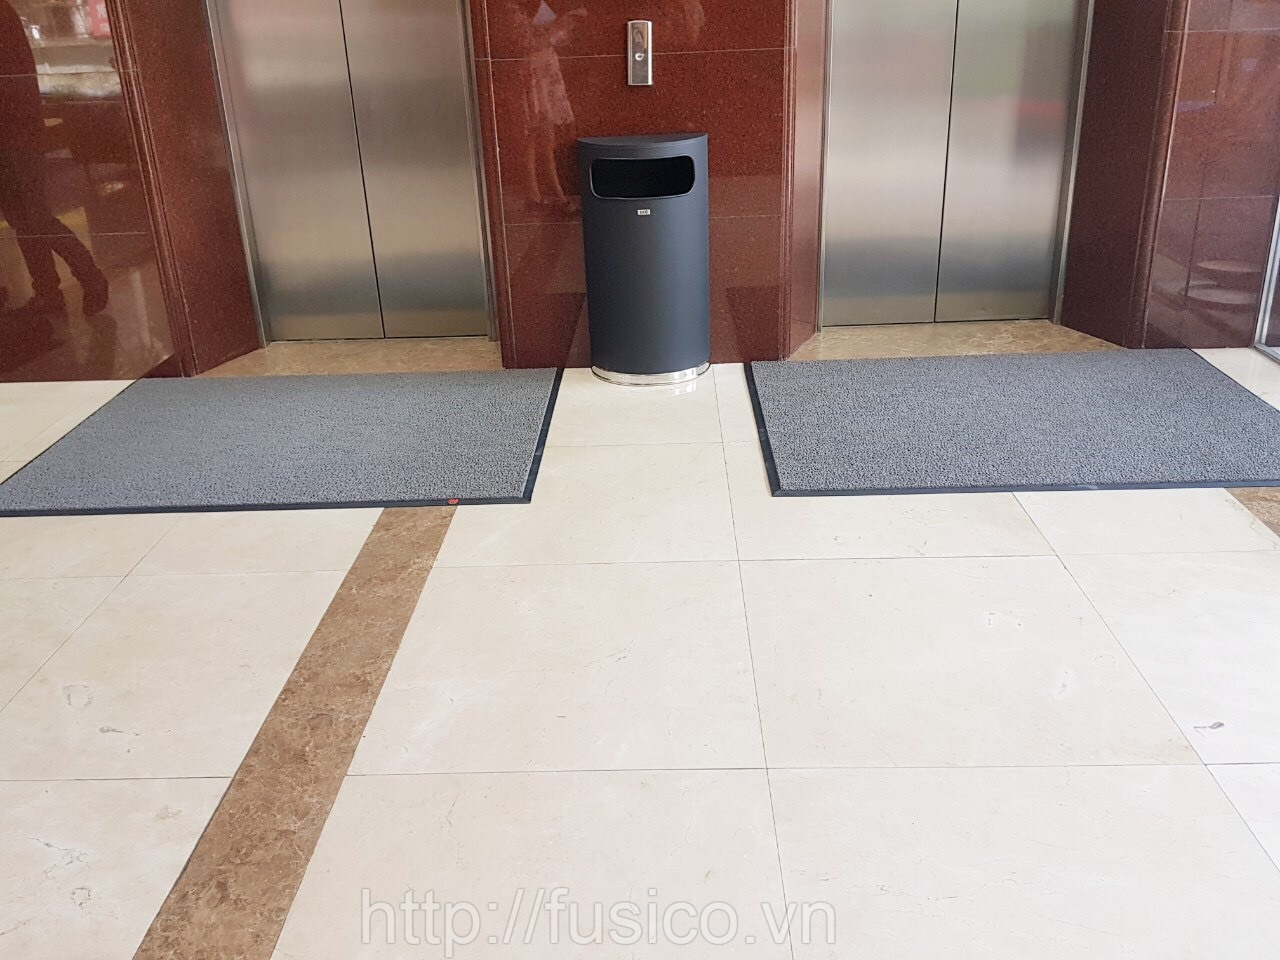 Khu vực thang máy đặt thảm chùi chân 3M 6850